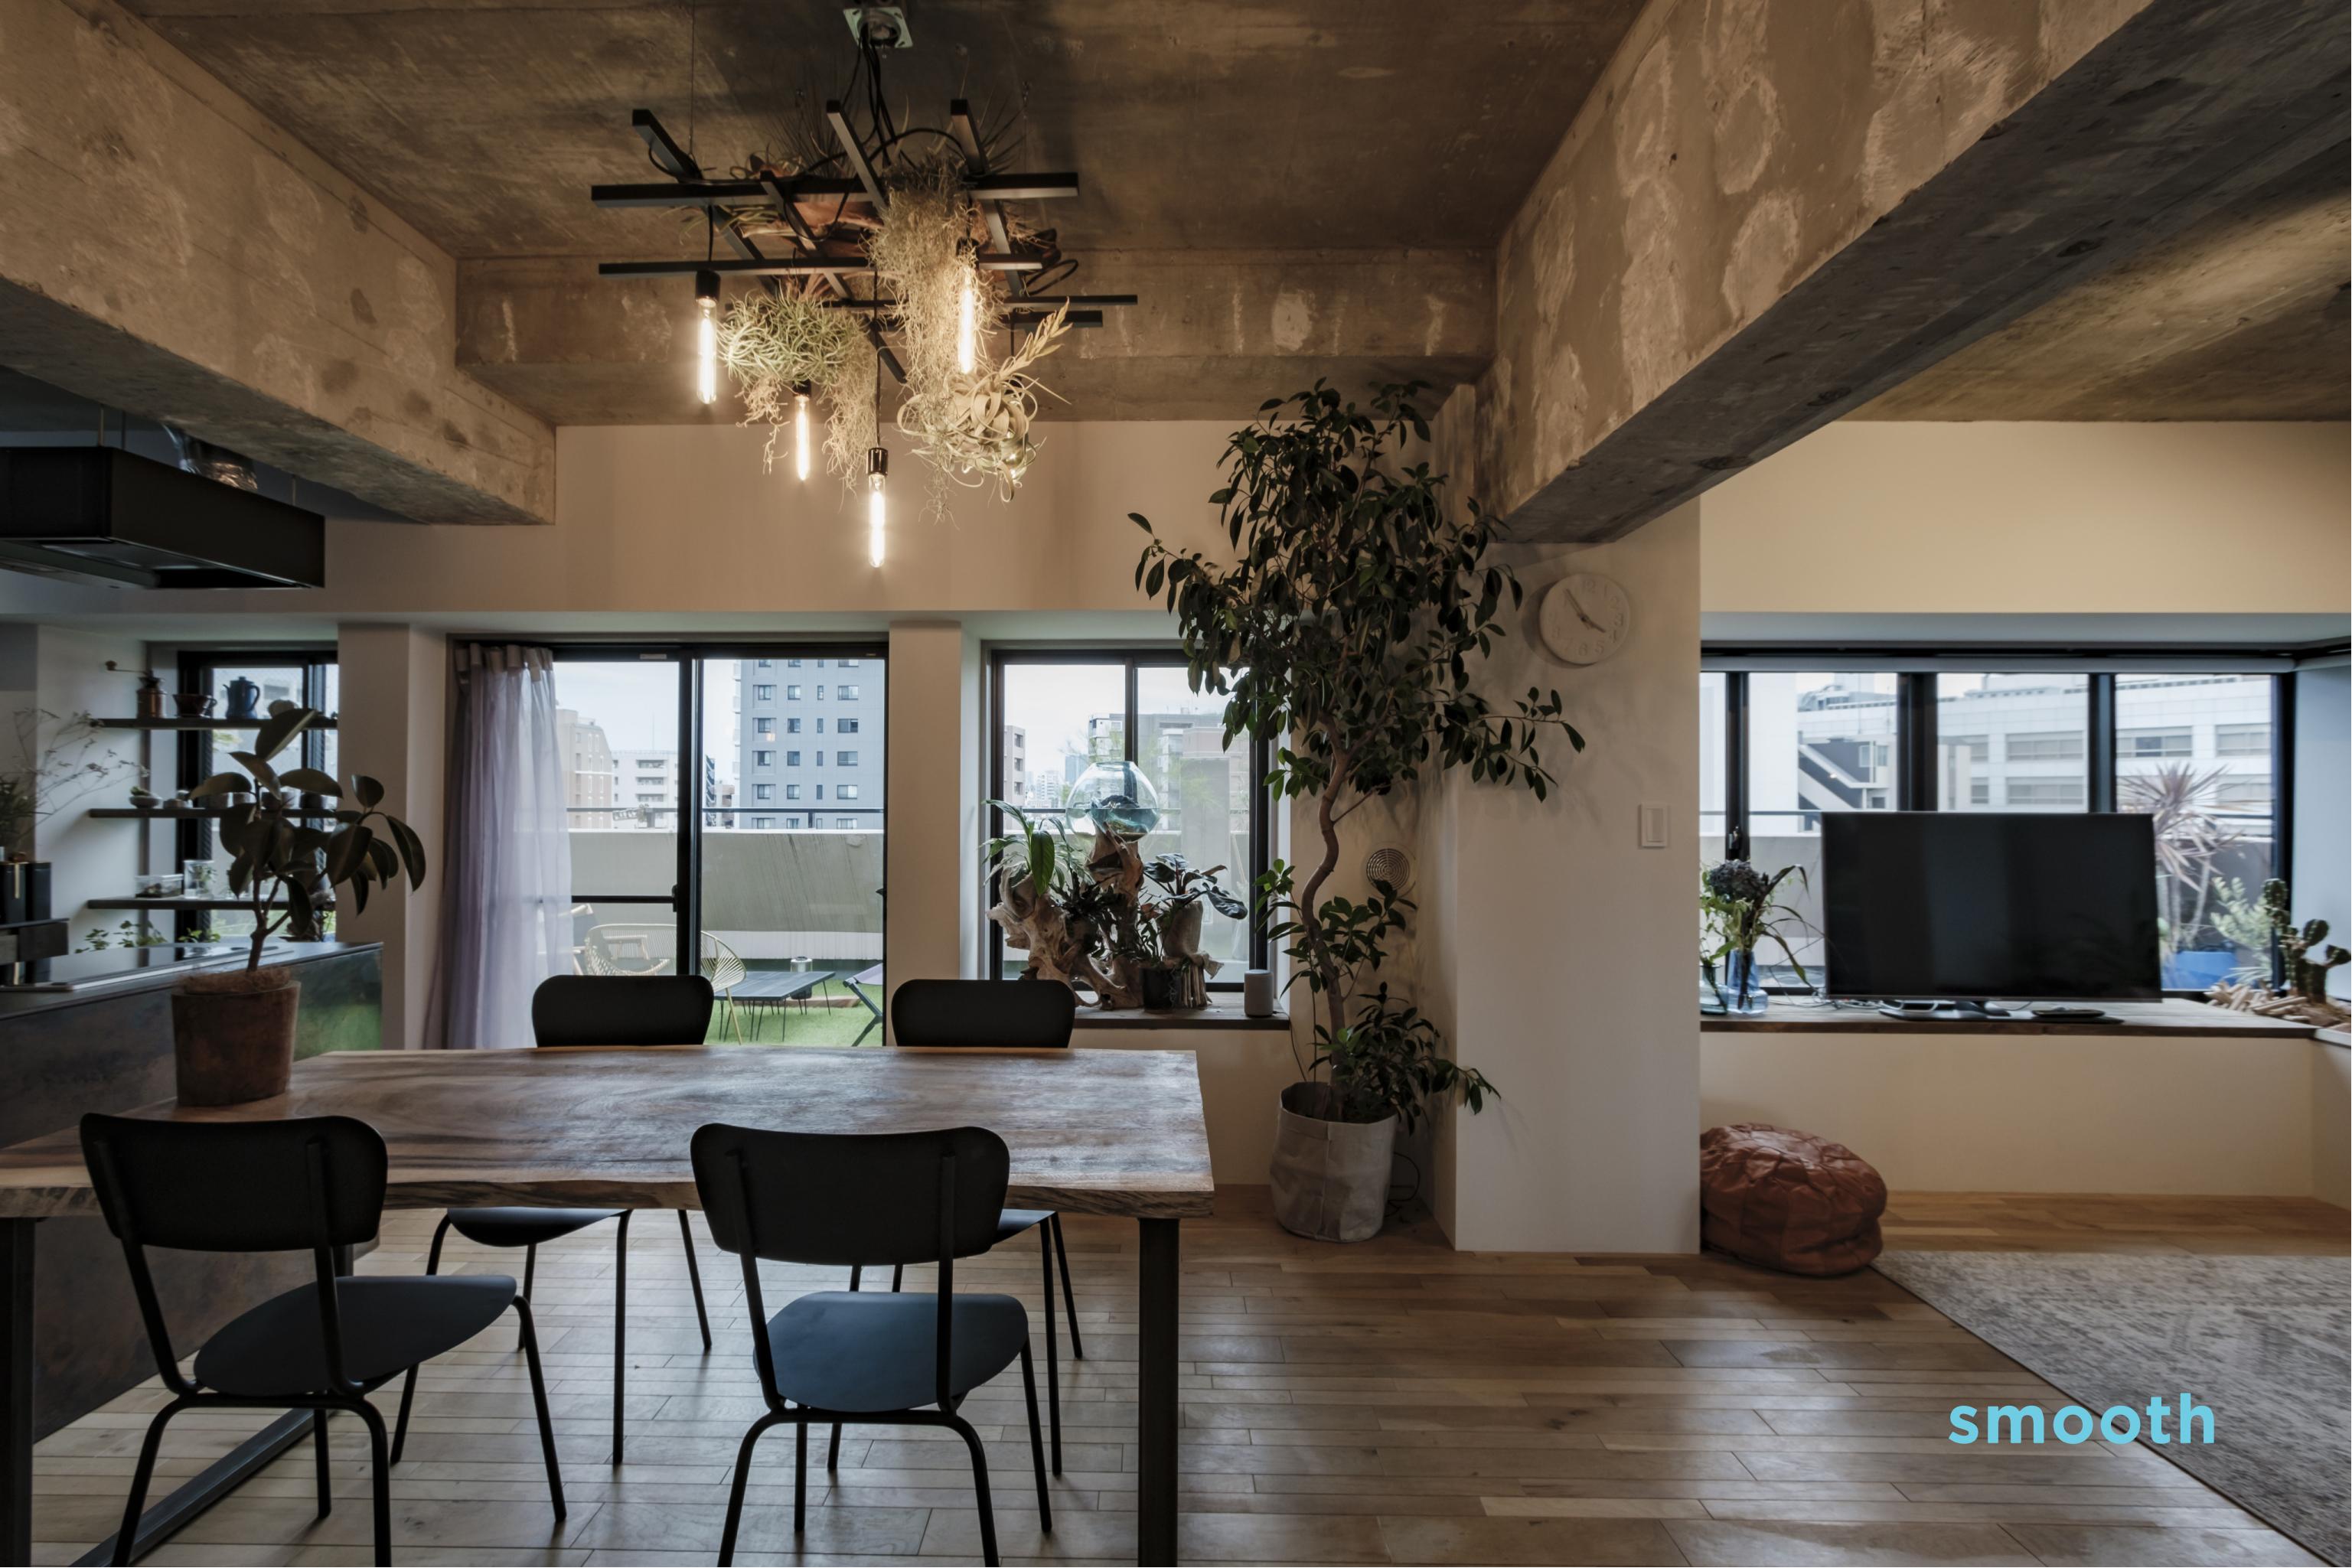 デザイナーズマンションの初期費用はどれくれい?デザイナーズマンションのメリット・デメリットと一緒に詳細解説!